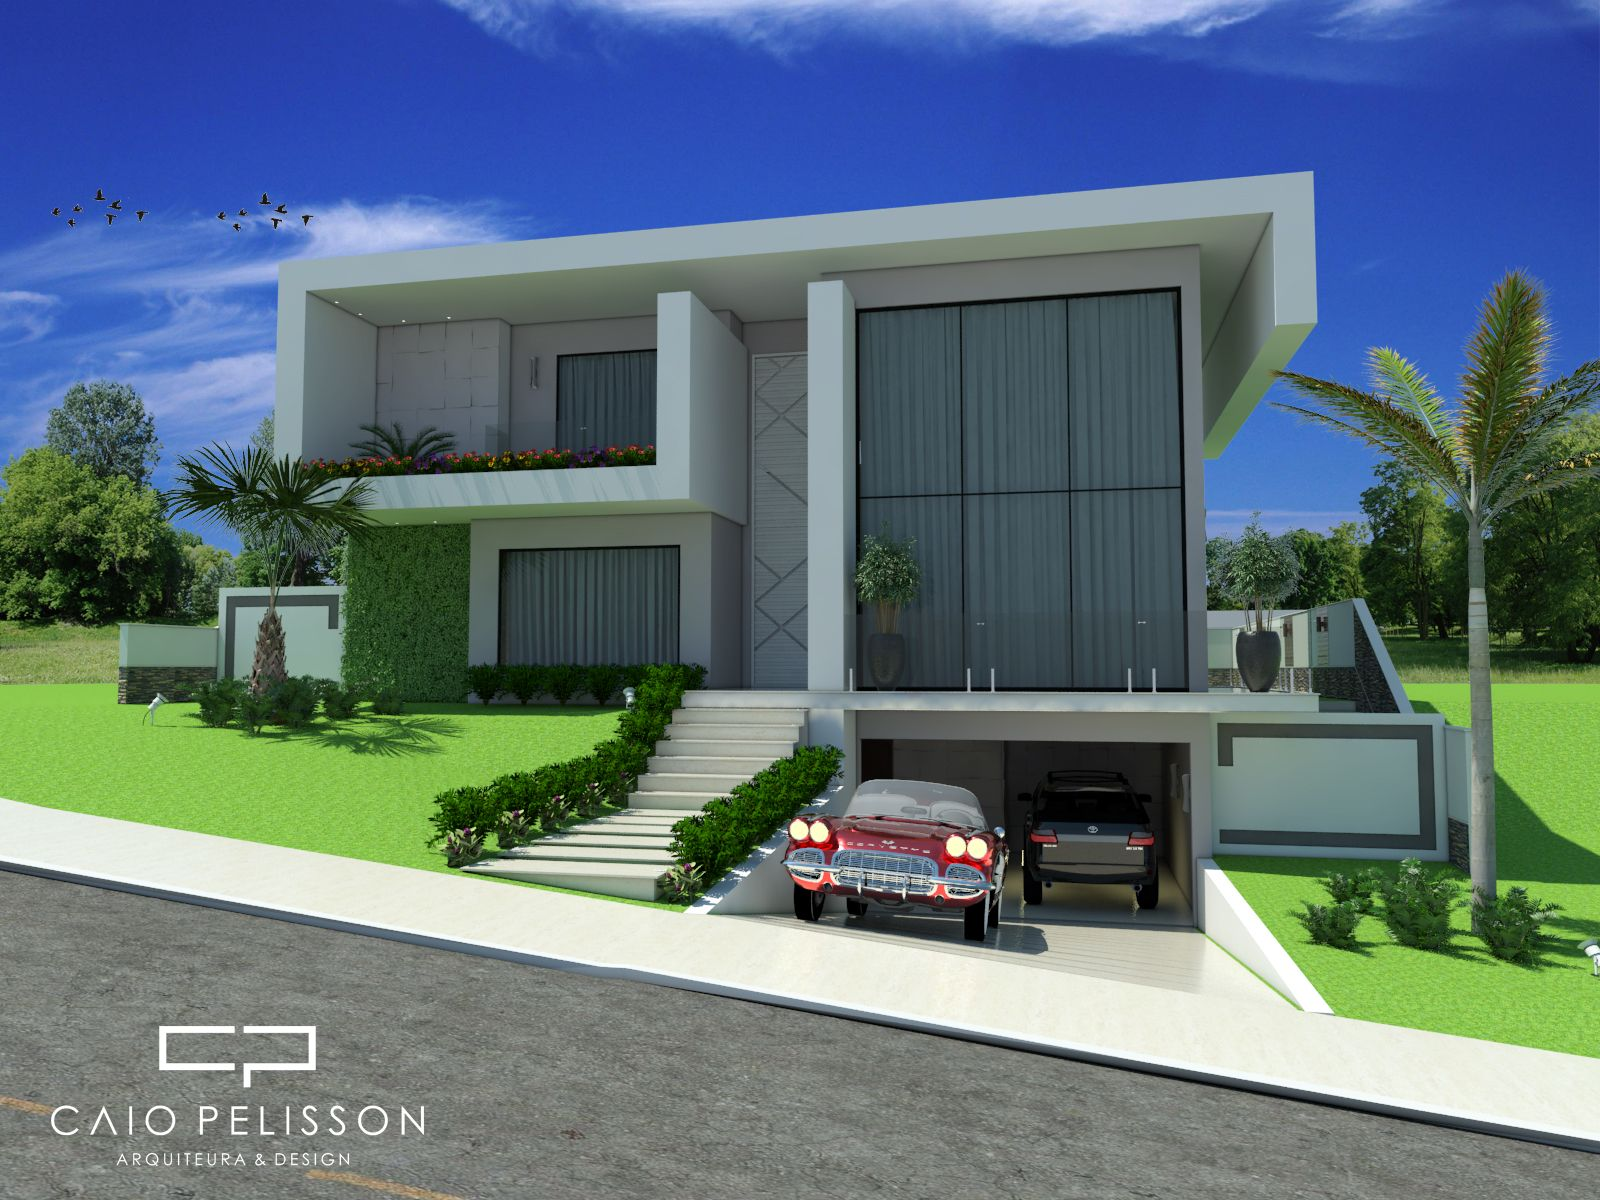 Projeto casa minimalista aproveitando declive lateral do for Casa minimalista veracruz